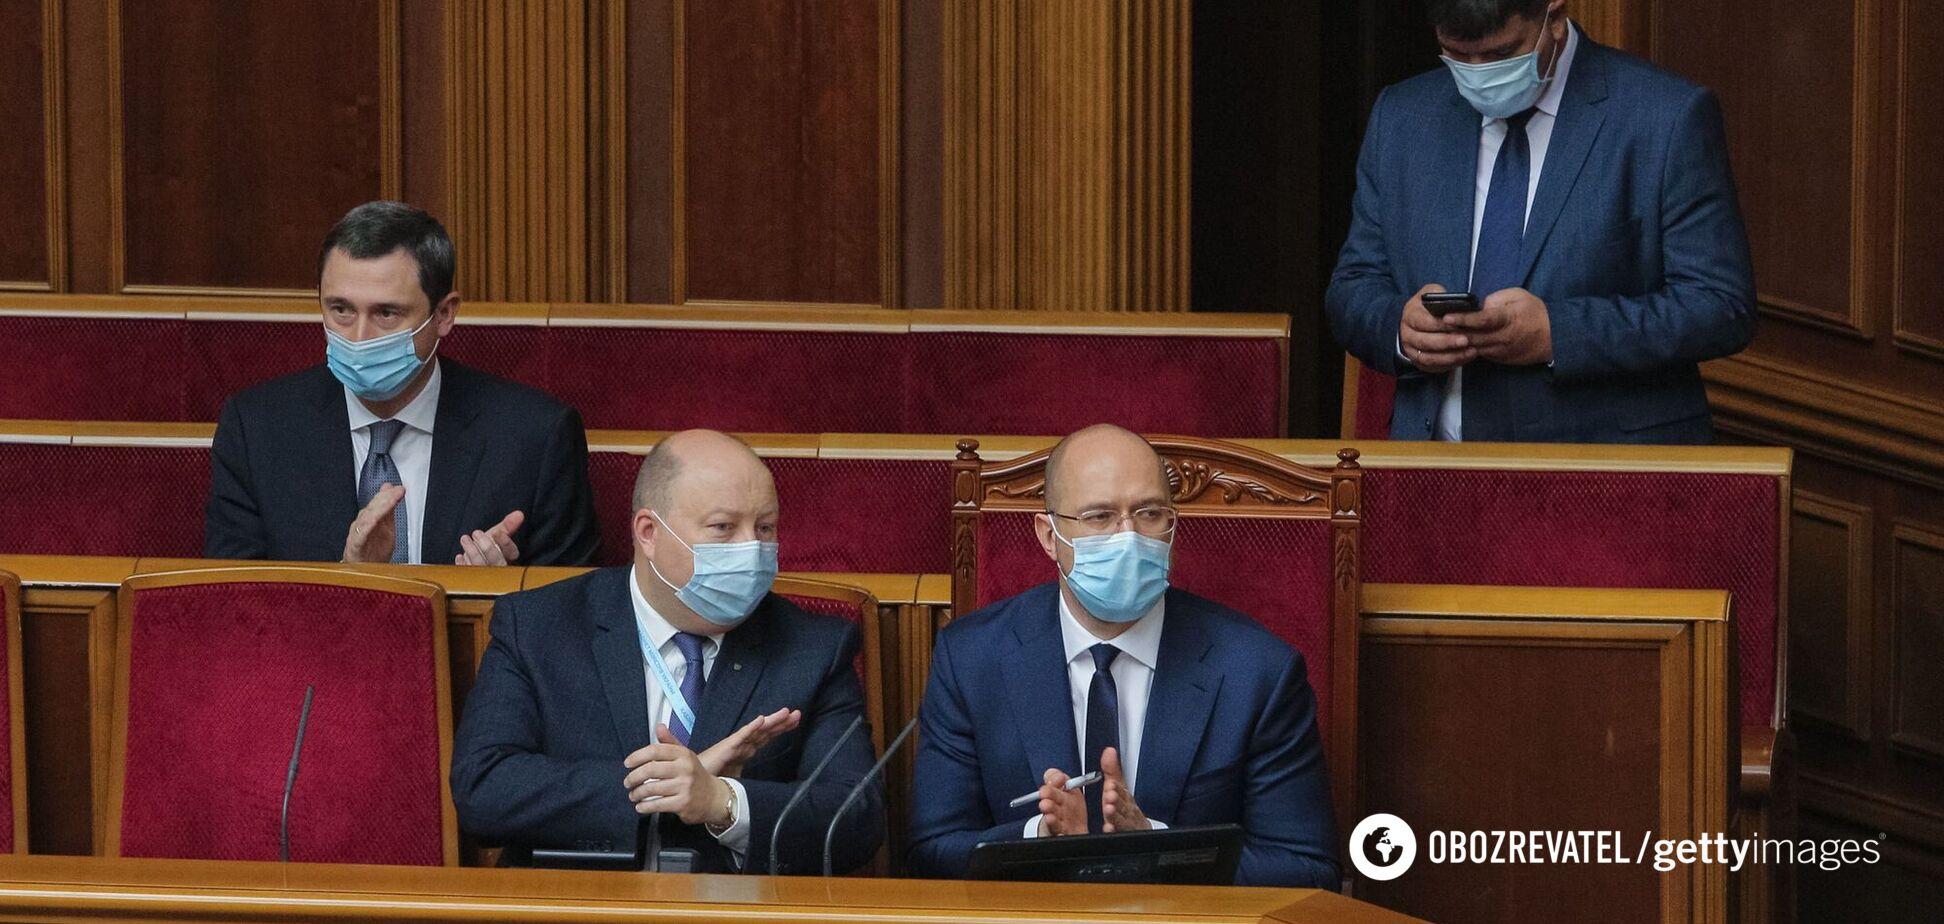 Обсуждение Бюджета-2021 и особый статус Донбасса: главные решения Рады 18 сентября